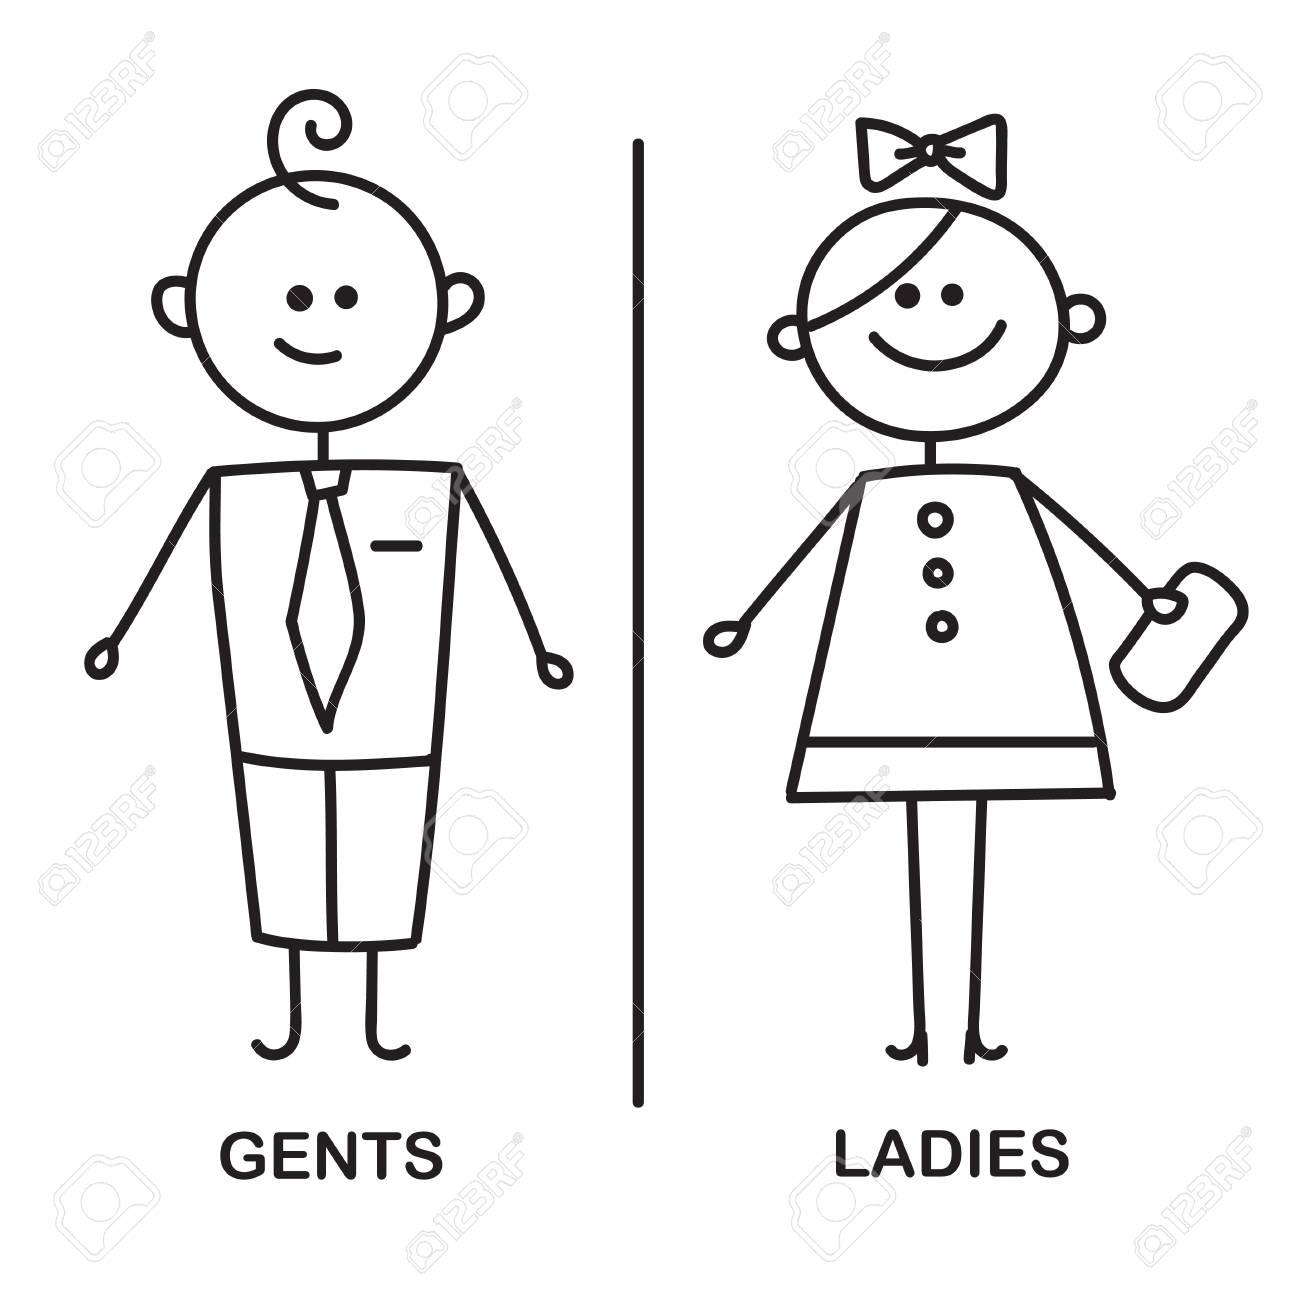 Symboles De Plaque De Porte De Wc Drole Signe De Wc Icone De Plaque De Porte De Toilette Gents Et Dames Wc Signent Pour Les Toilettes Croquis De Vecteur Banque D Images Et